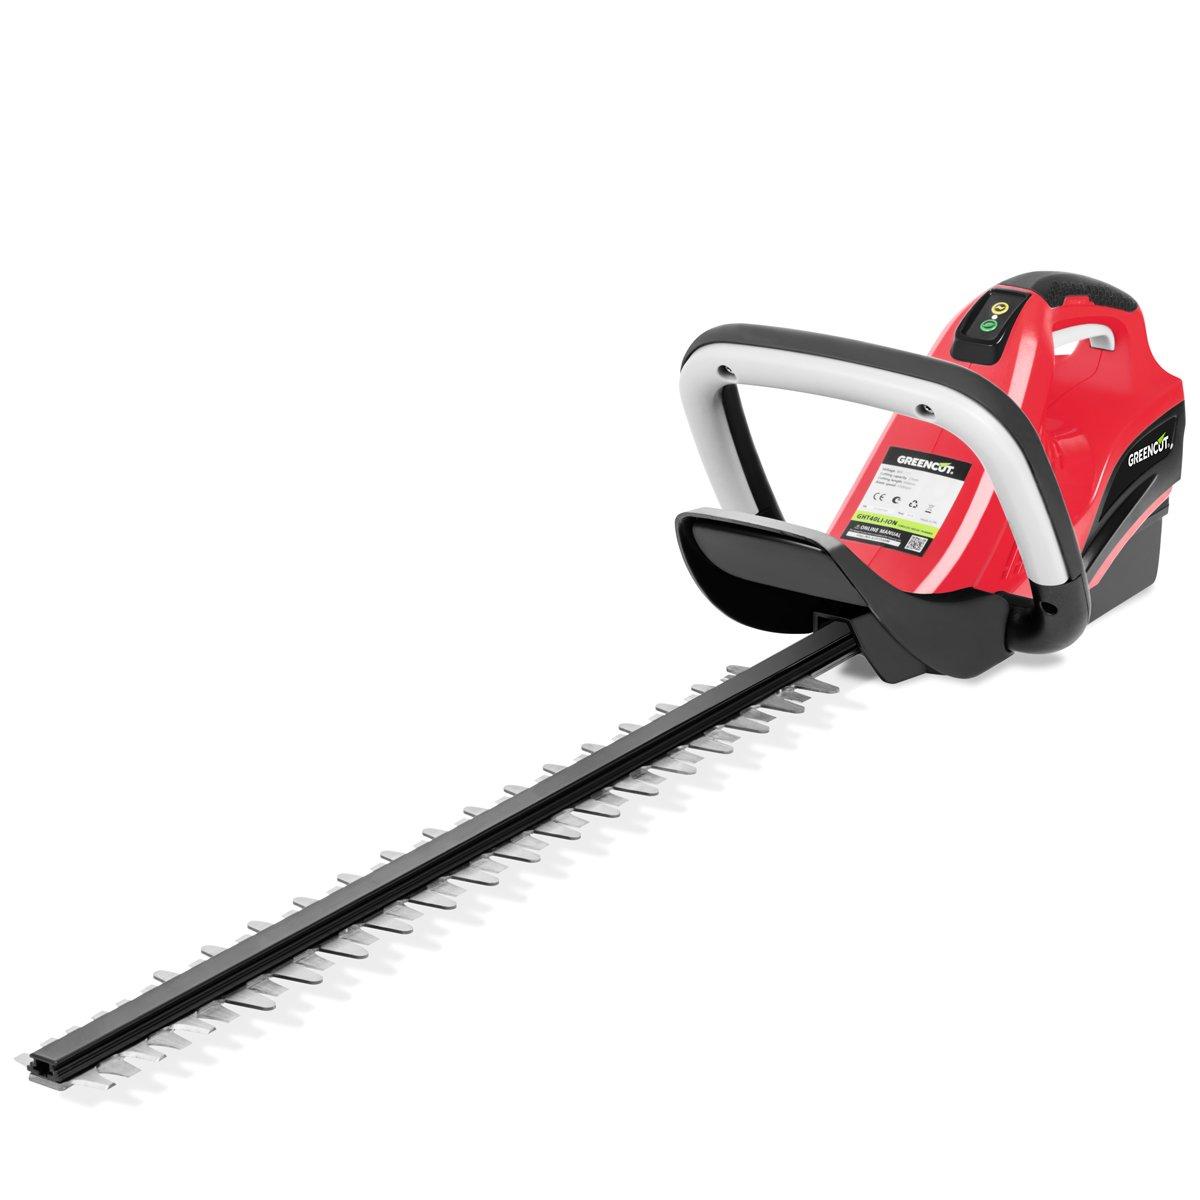 Greencut GHT40LI-ION - Cortasetos con batería de lítio de 40V, con cuchilla giratoria de 63cm y con mango ergonómico